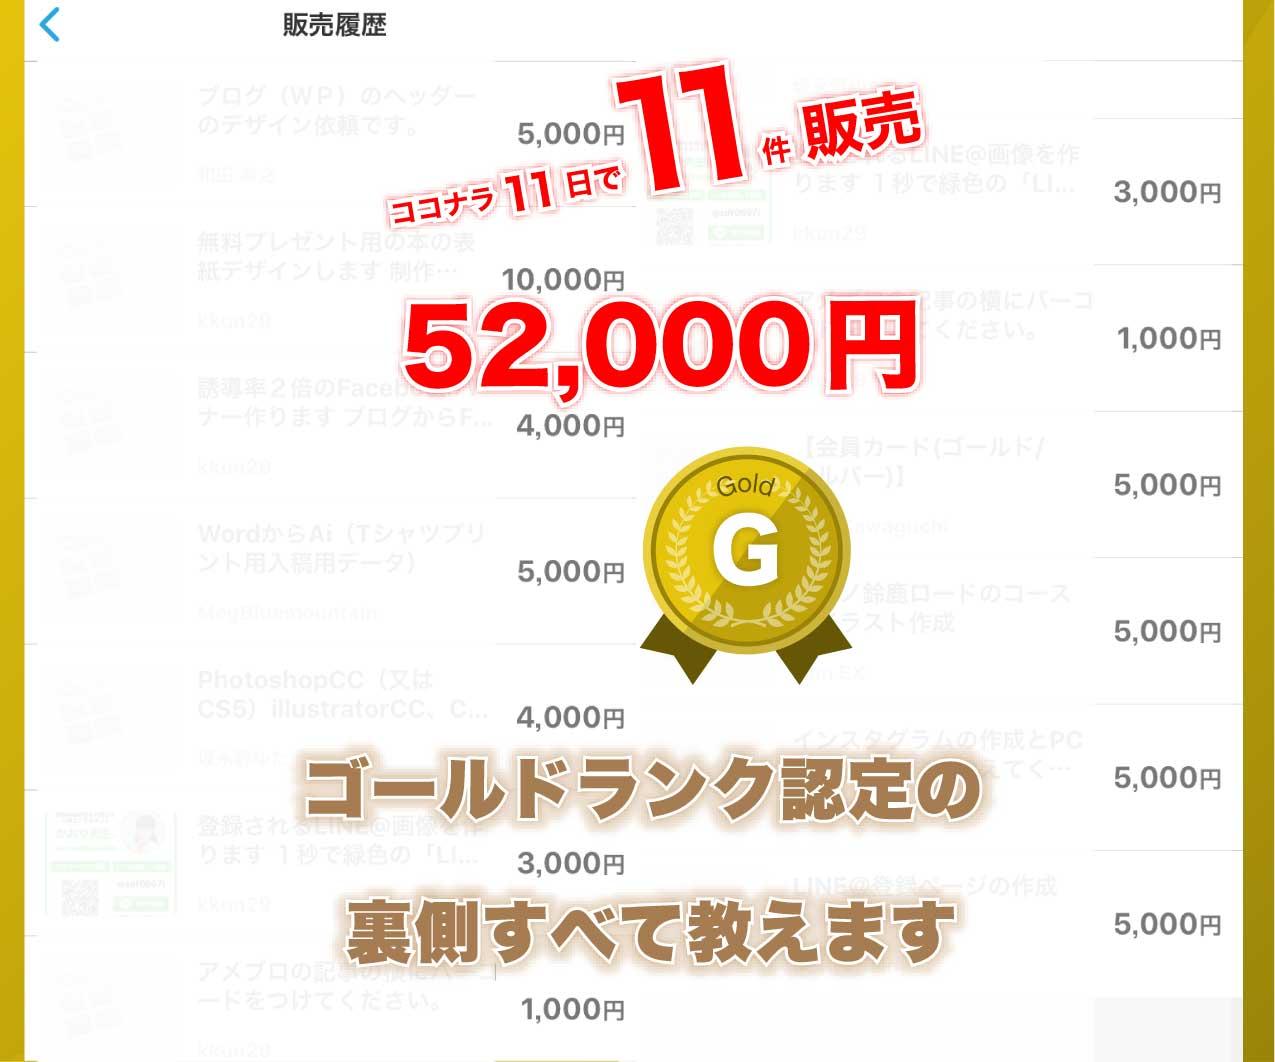 ココナラ11日で5万円